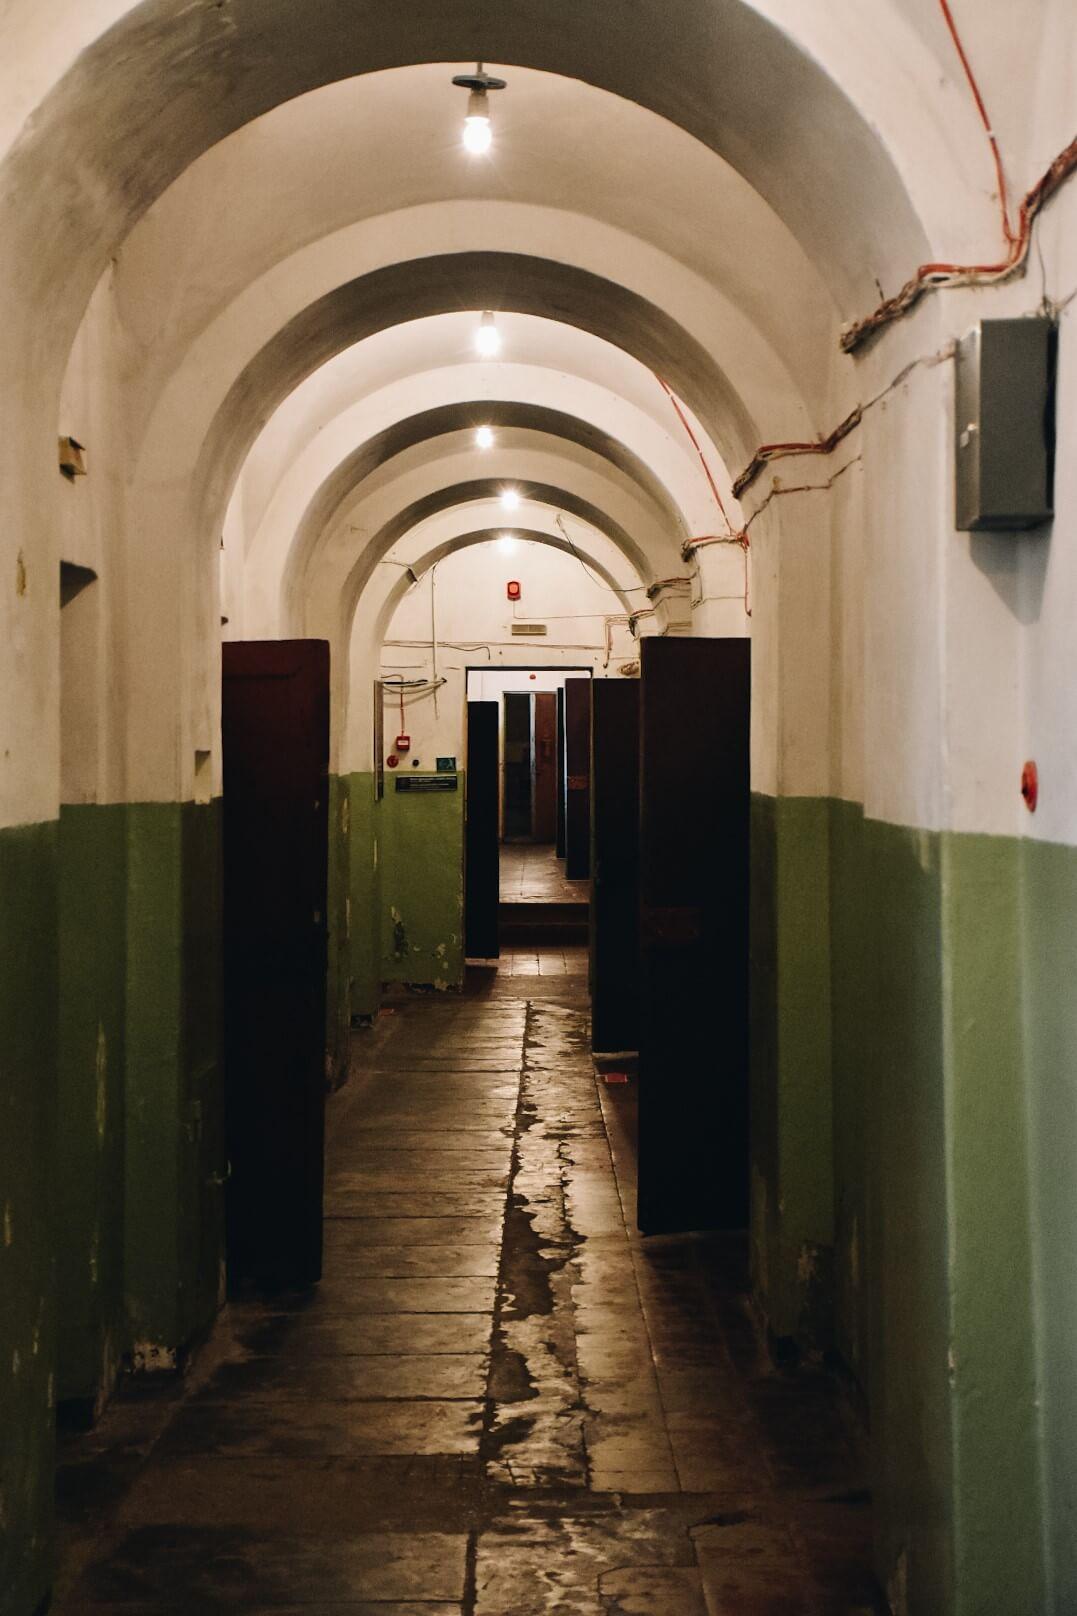 Korytarz pomiędzy celami w Muzeum Ofiar Ludobójstwa w Wilnie.